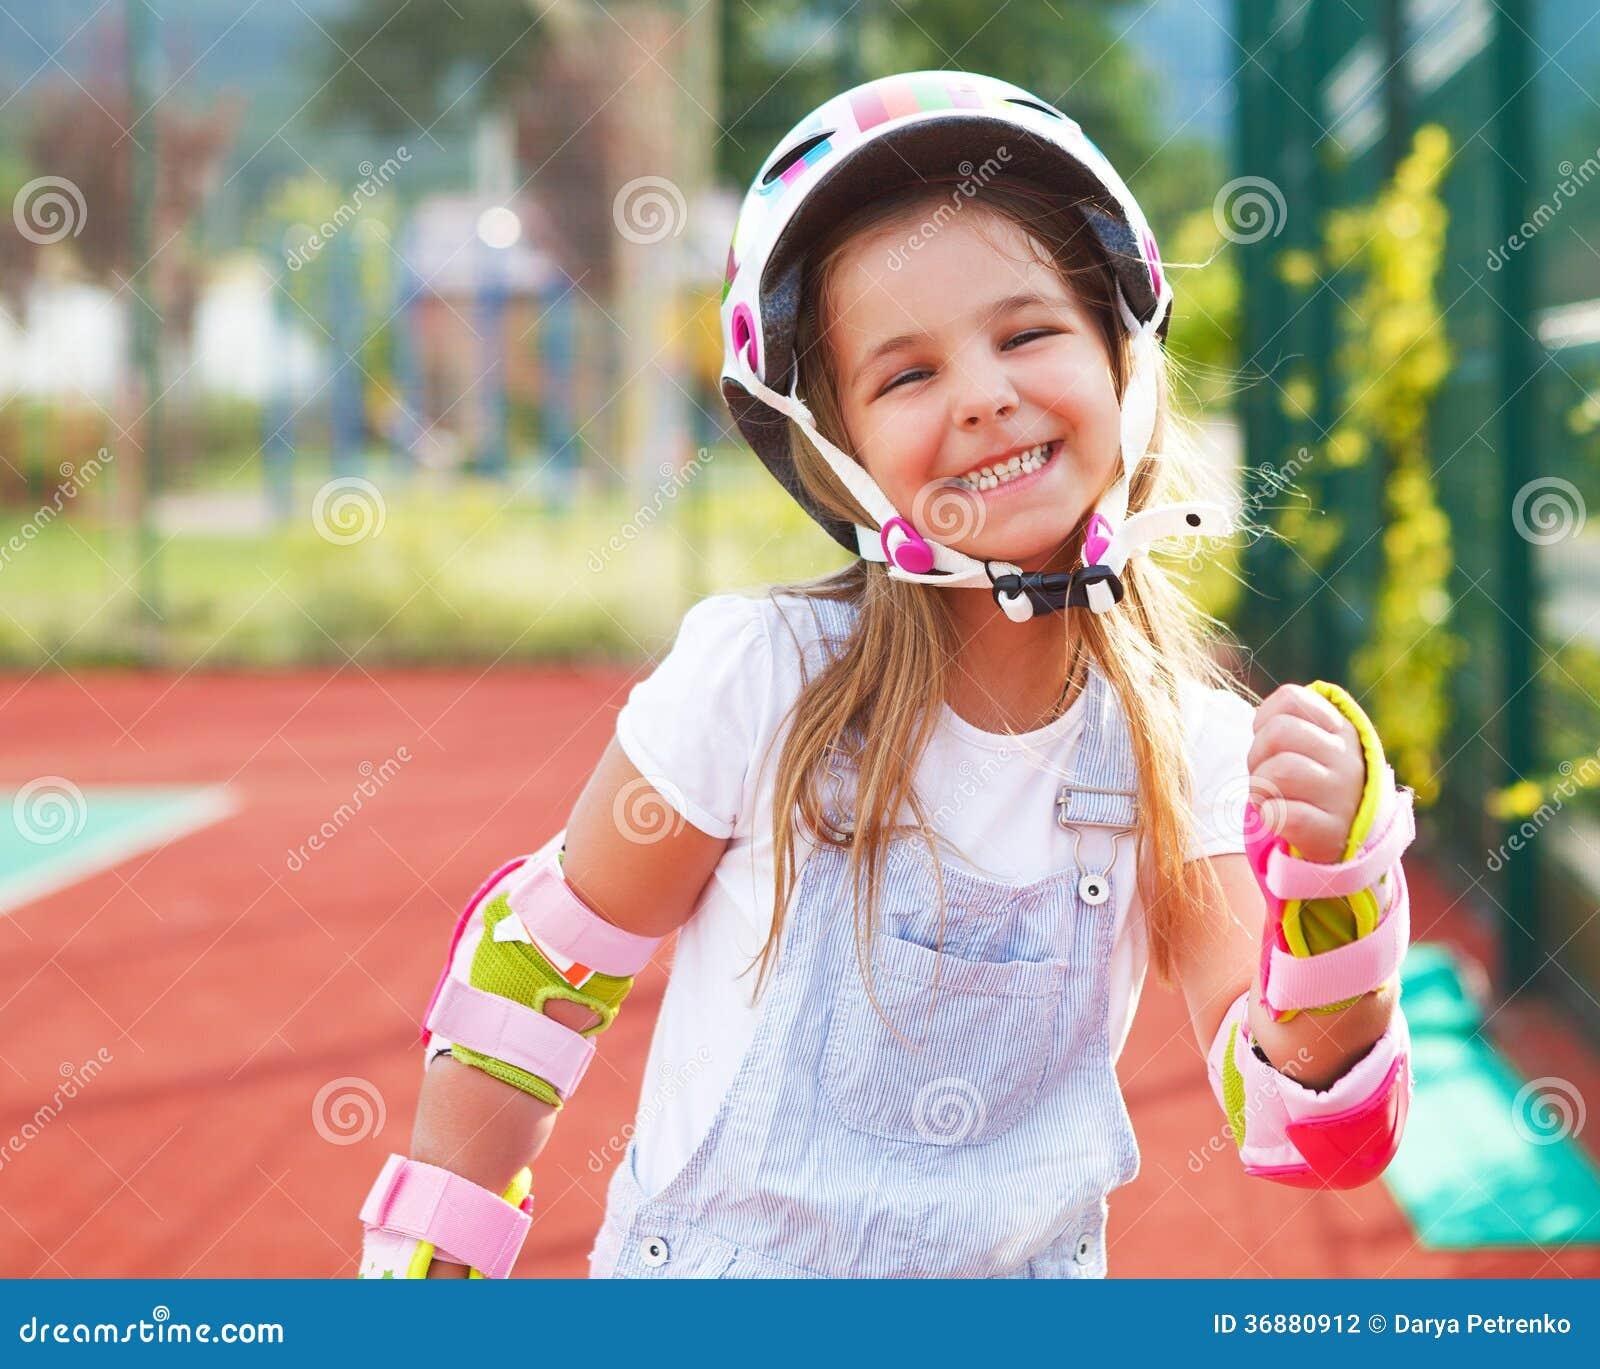 Download Bambina Nei Pattini Di Rullo Ad Un Parco Fotografia Stock - Immagine di felicità, giro: 36880912